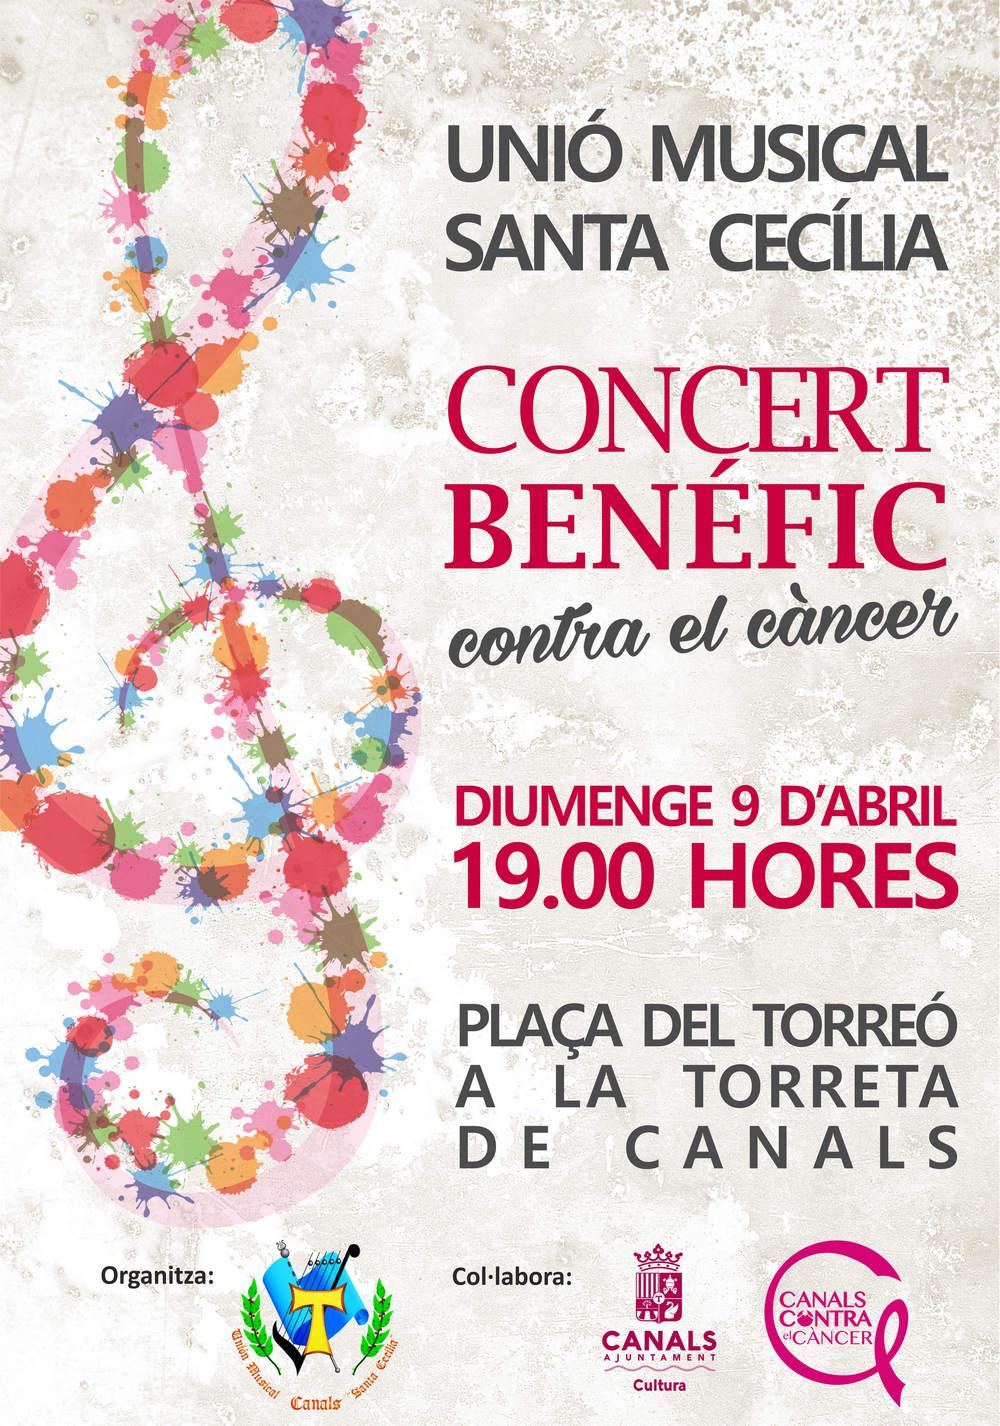 Concierto benéfico contra el cáncer de la Unión Musical Santa Cecilia de Canals este domingo